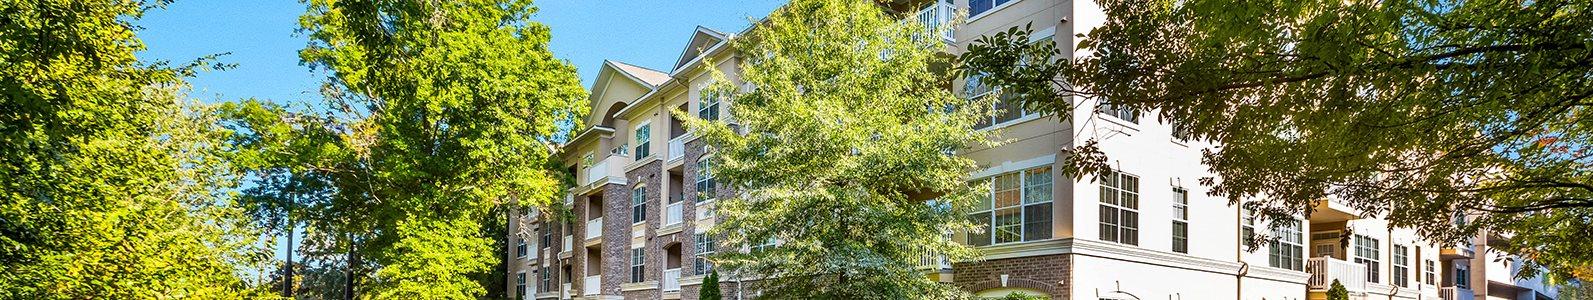 The Savoy Apartment Homes in Atlanta, Georgia